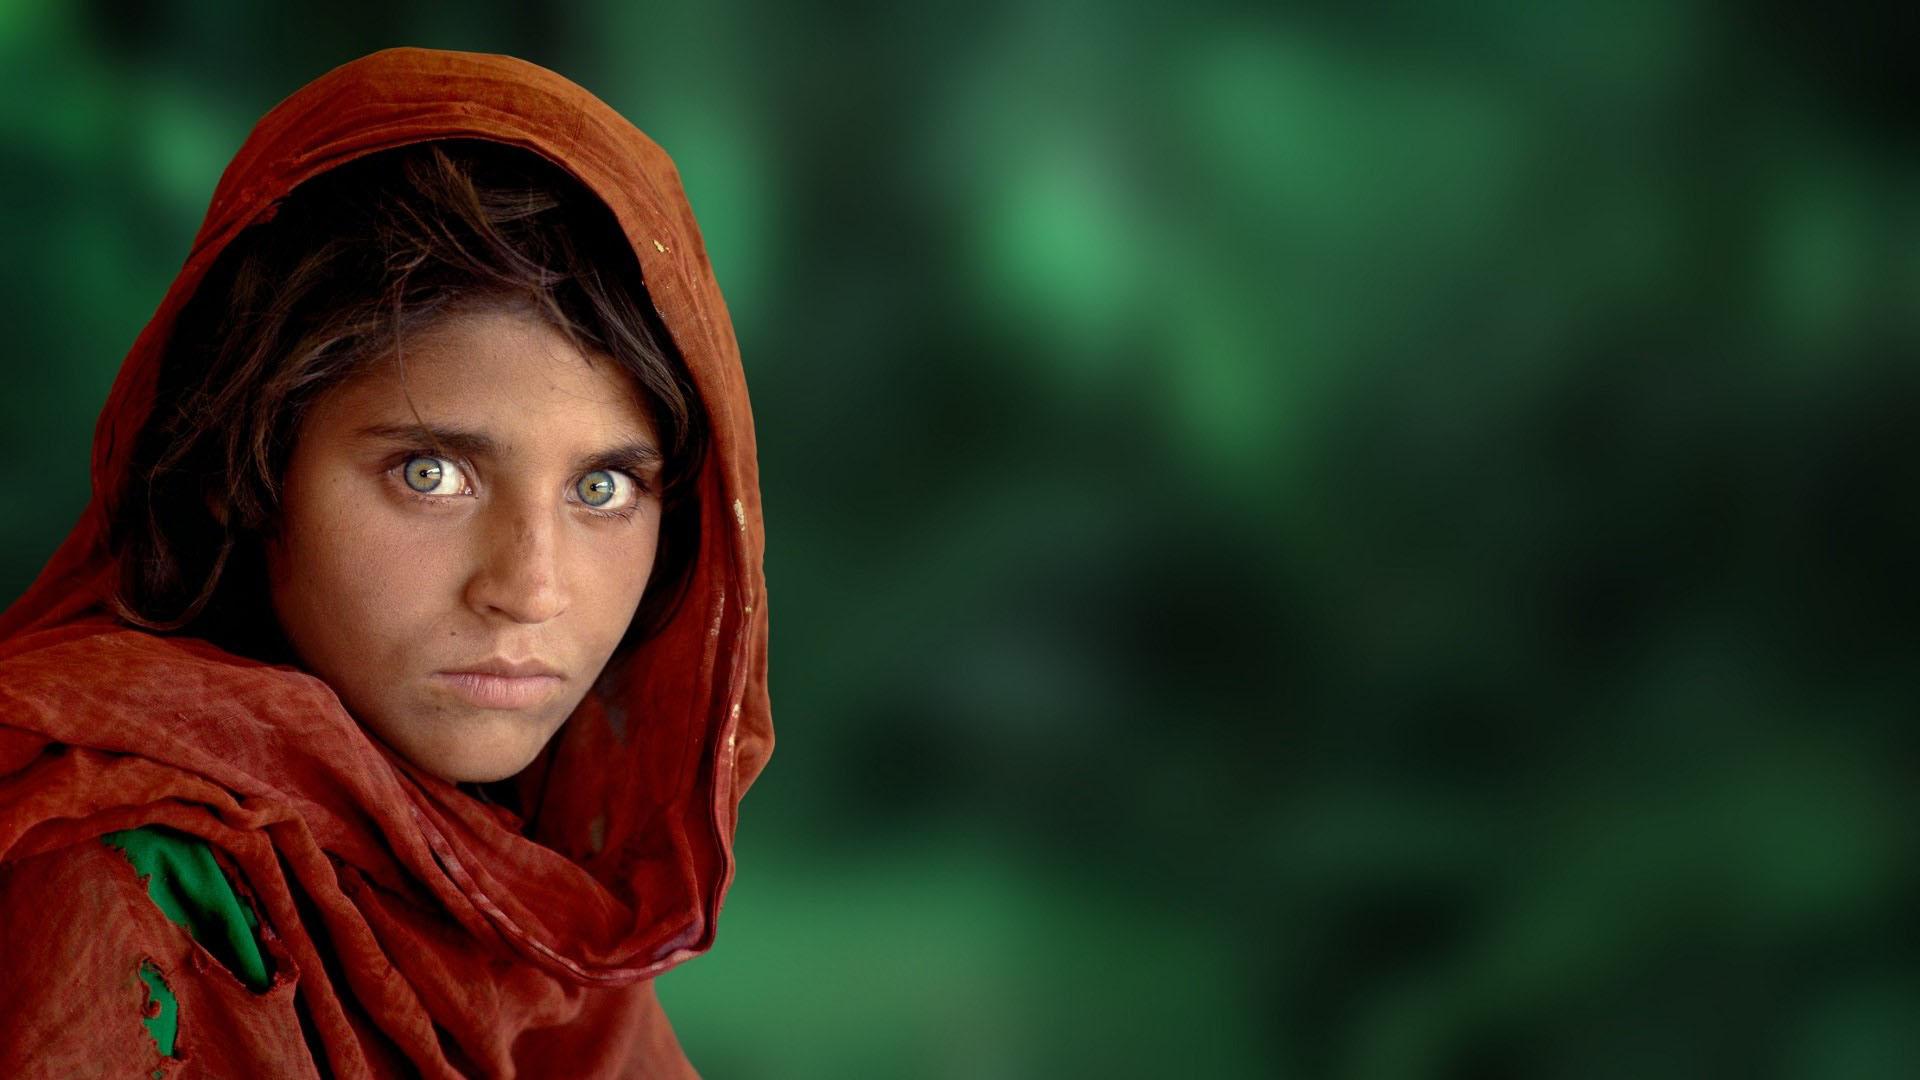 La icónica imagen de National Geographic en 1985 será desterrada de la región luego de la sentencia del Tribunal